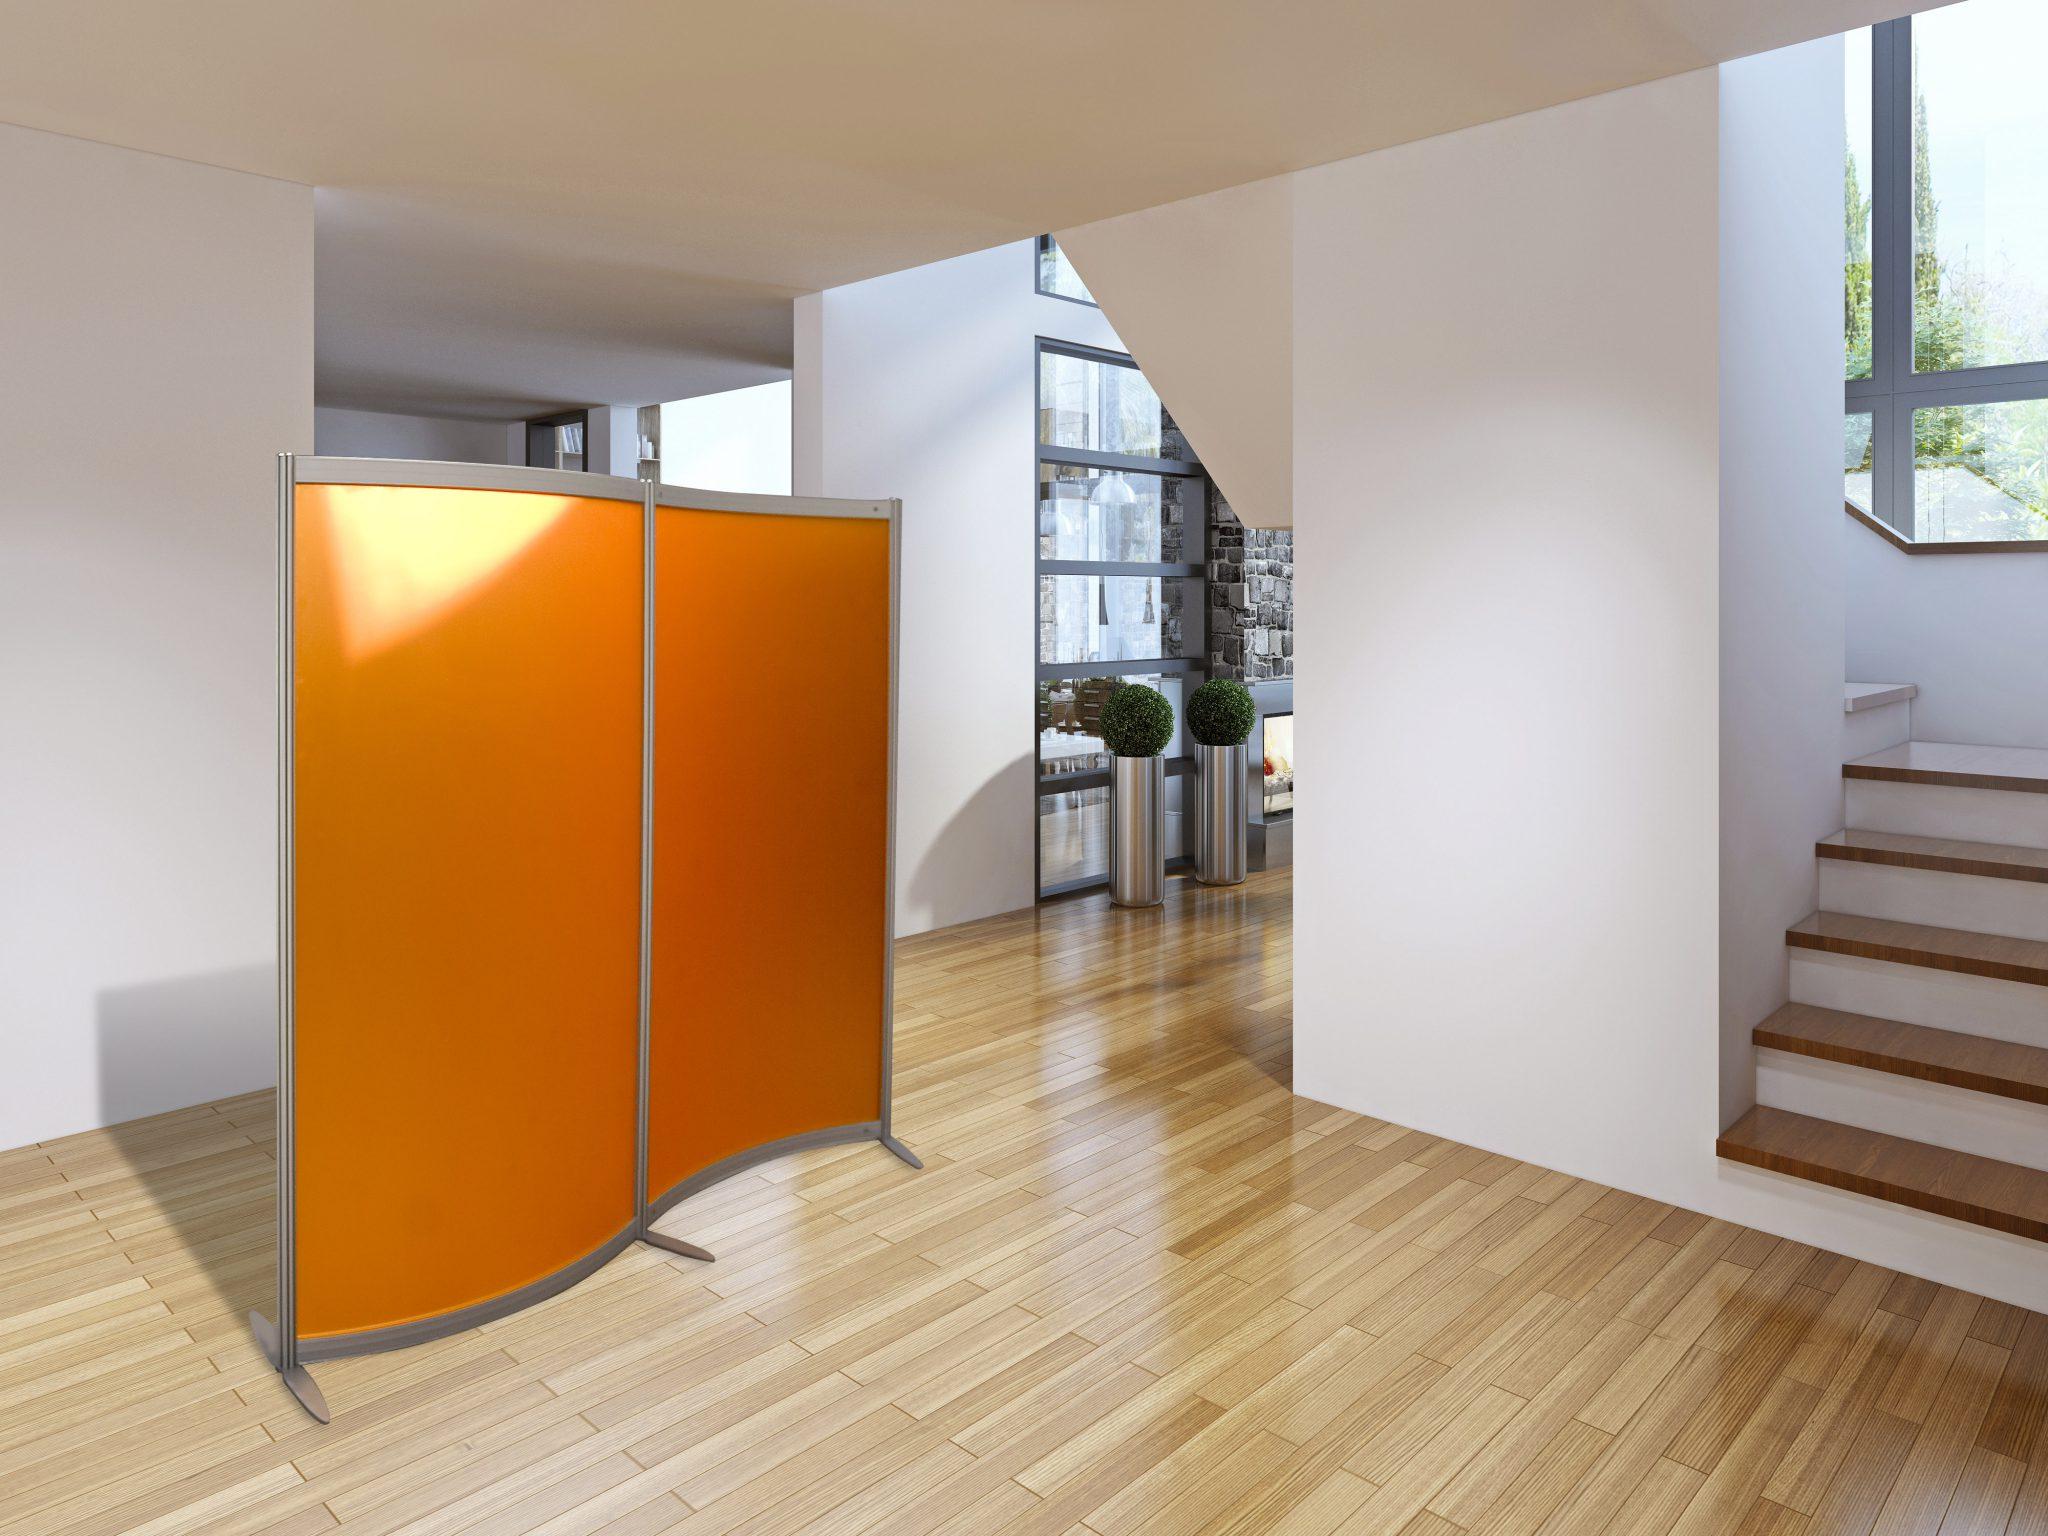 Pannelli divisori ufficio prezzi immagini idea di prezzi for Divisori in vetro per ufficio prezzi